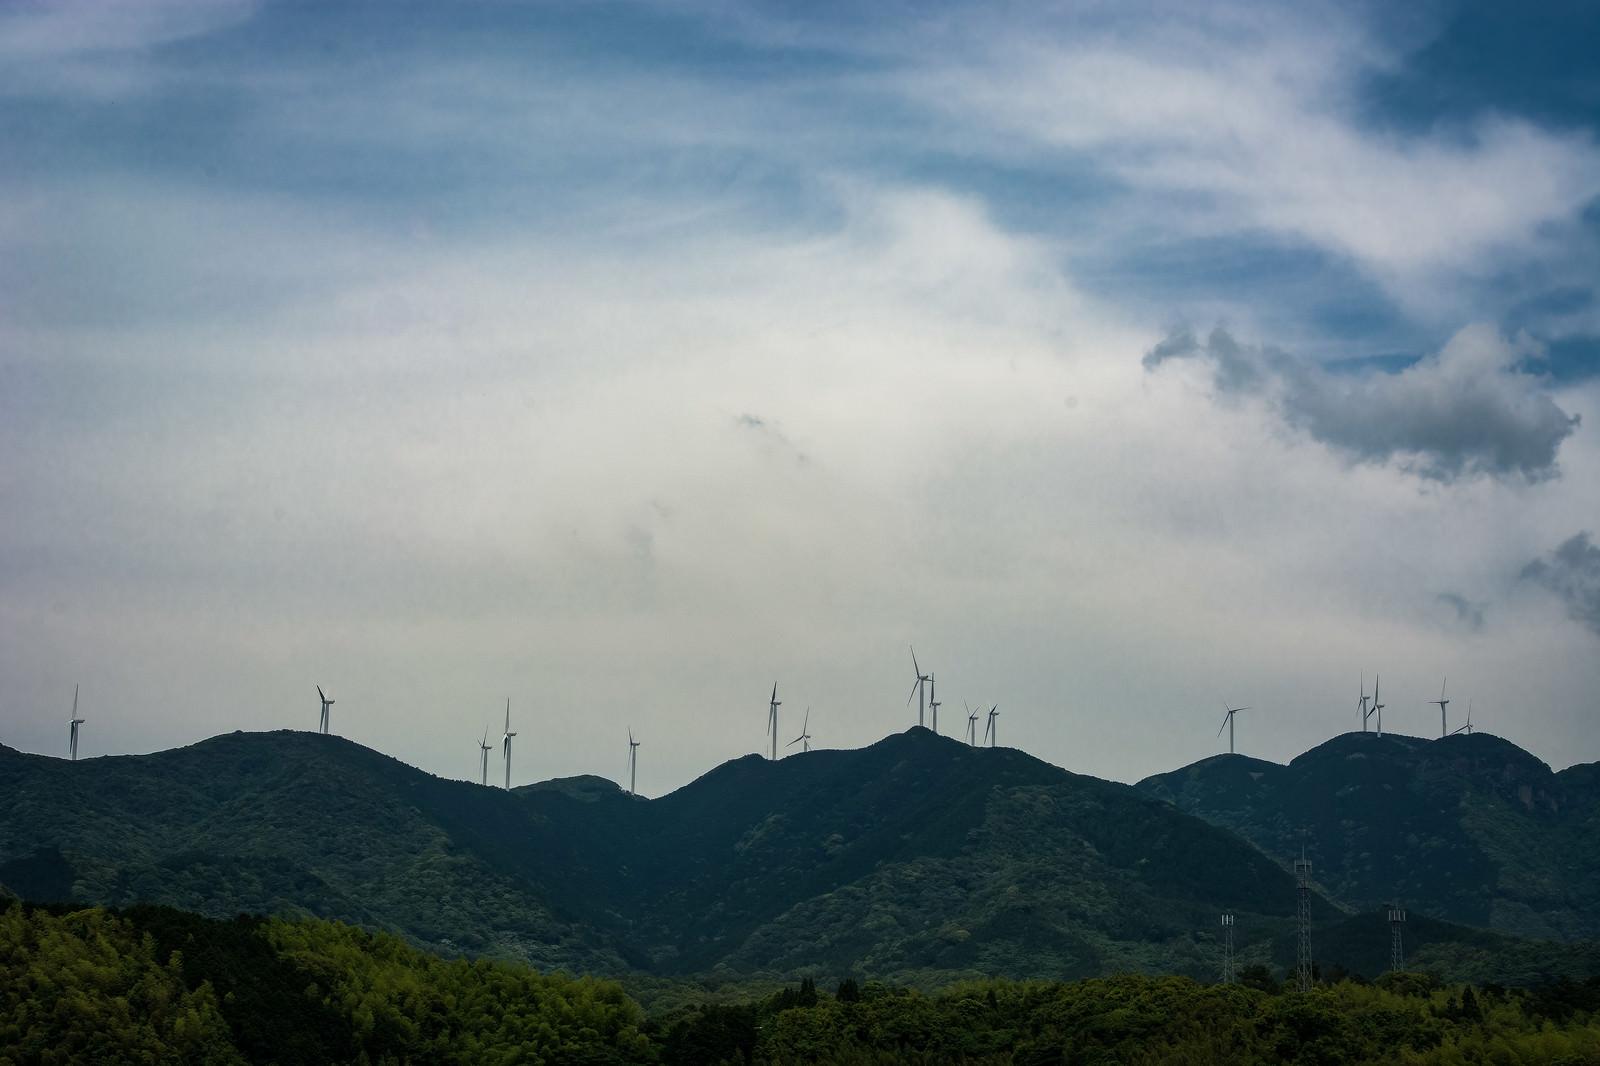 「山口県白滝山に立ち並ぶ風力発電の風車」の写真